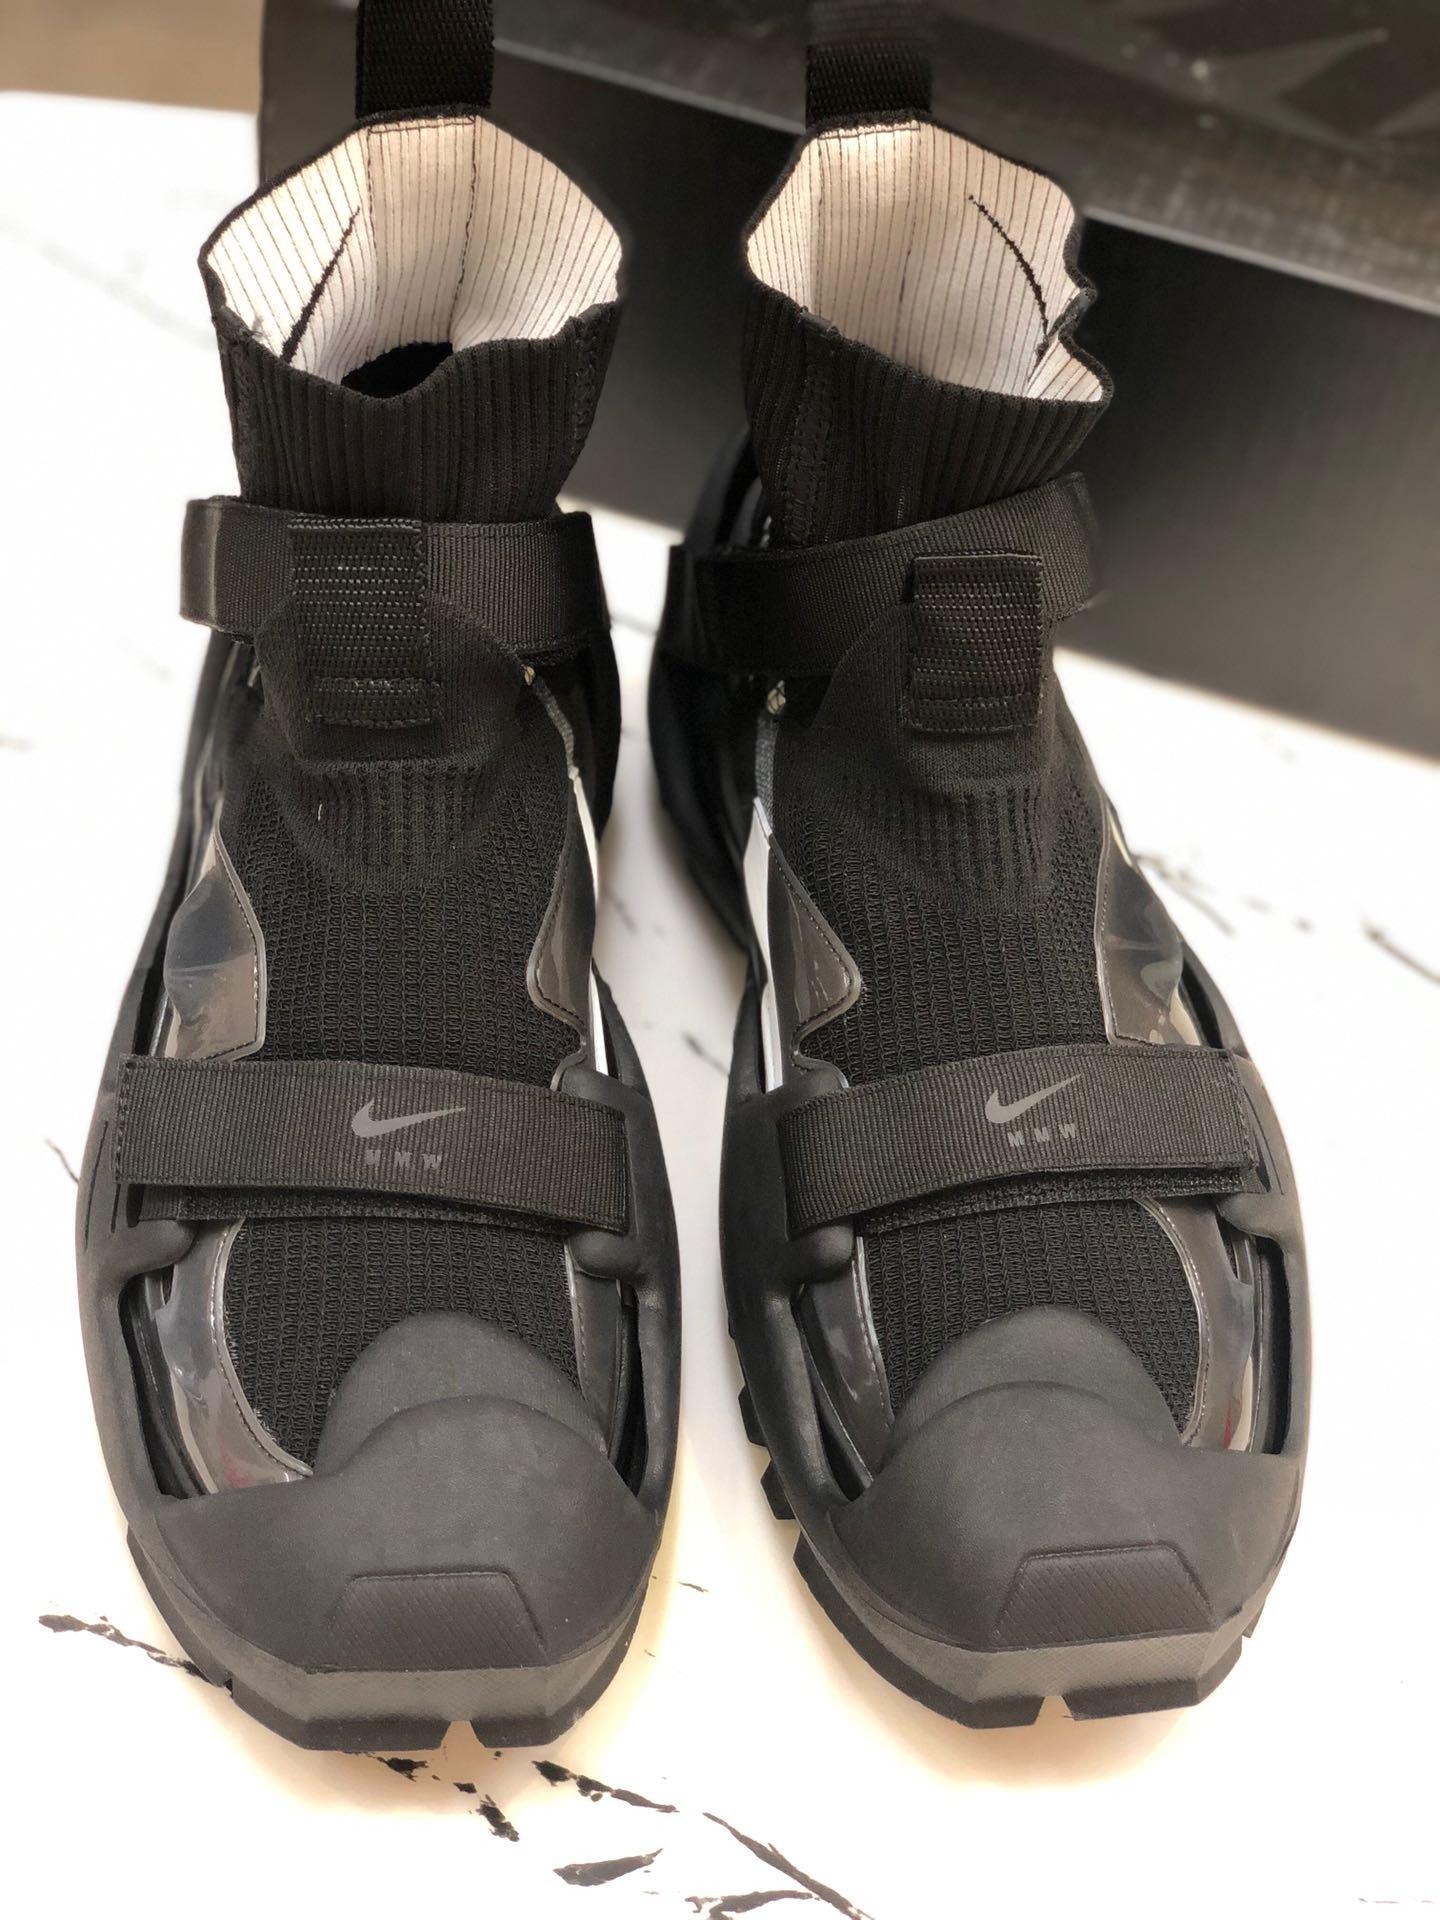 超级火爆情侣款Nike终于释出了曝光